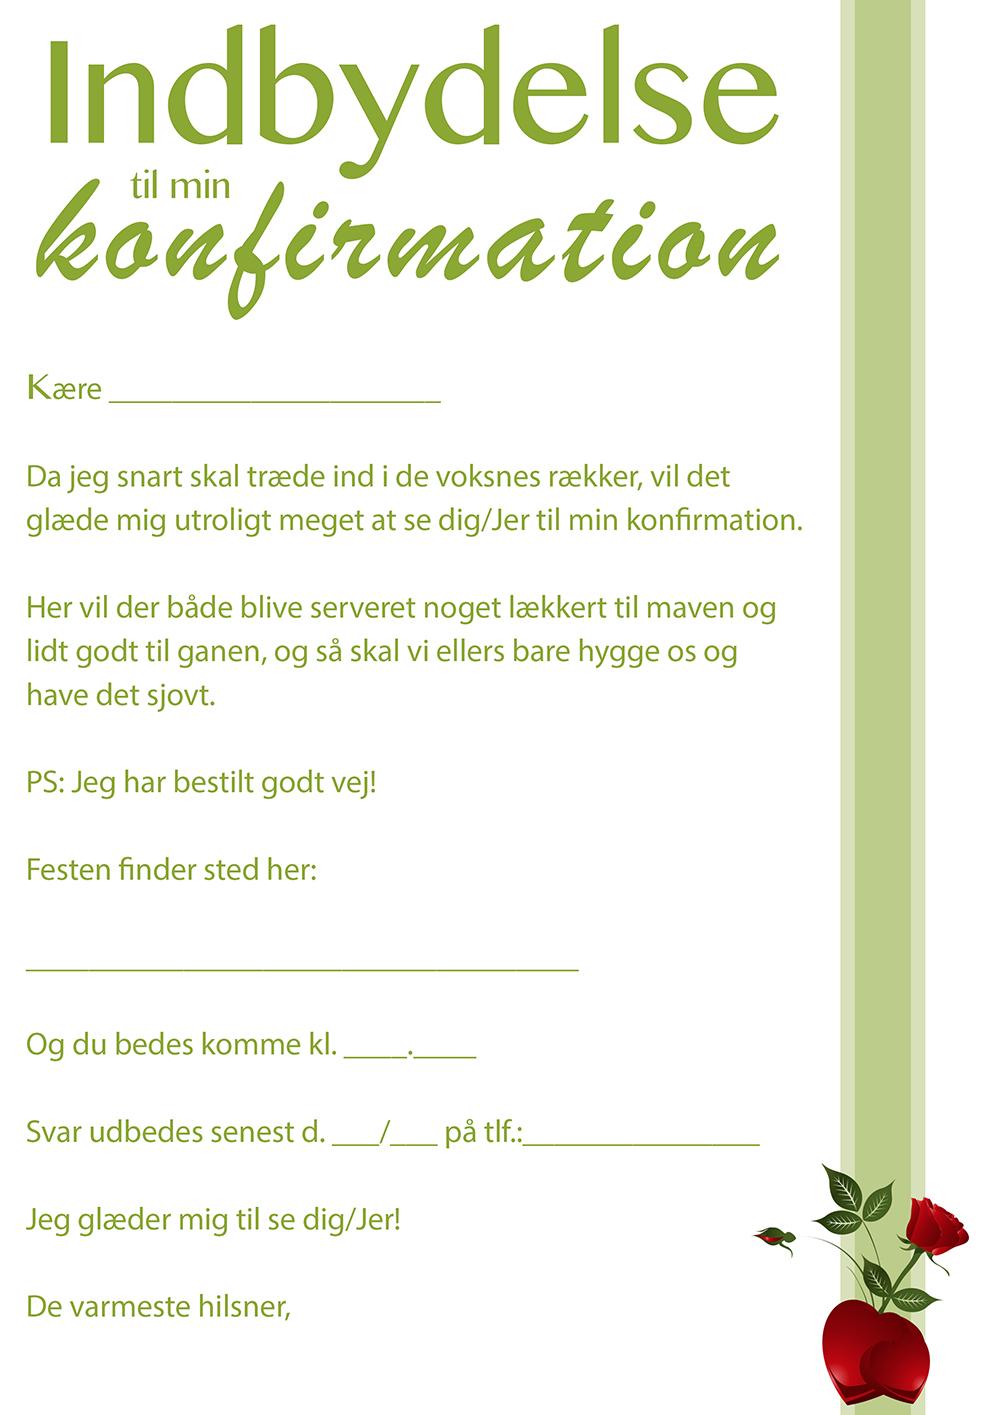 Hvad skriver man konfirmationskort Tekst i